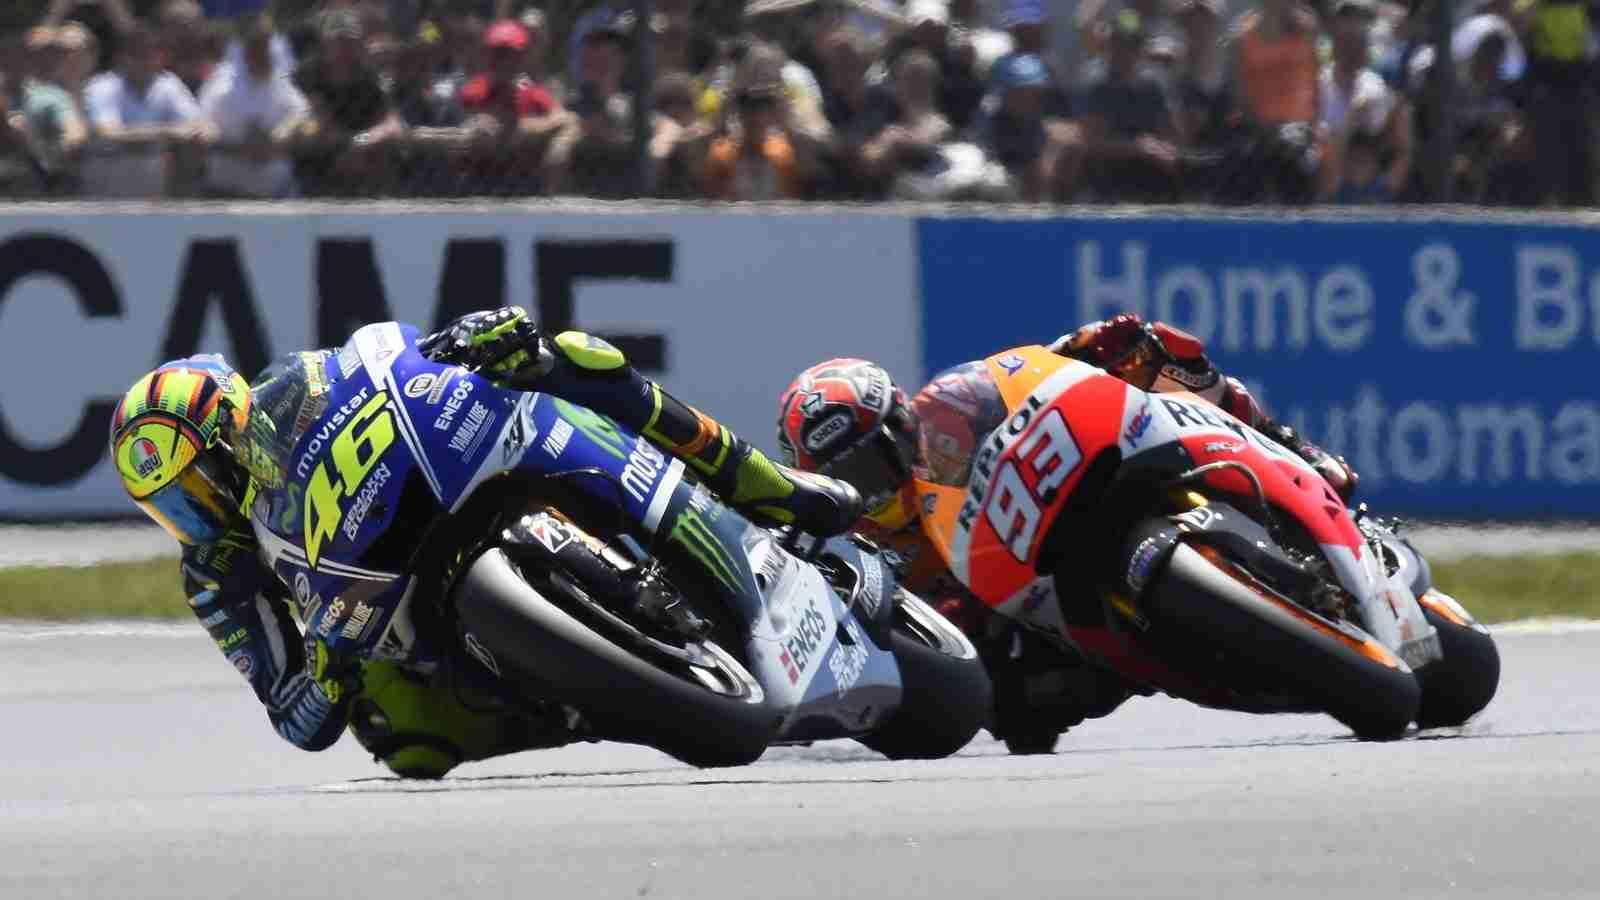 MotoGP 2014 Le Mans Results